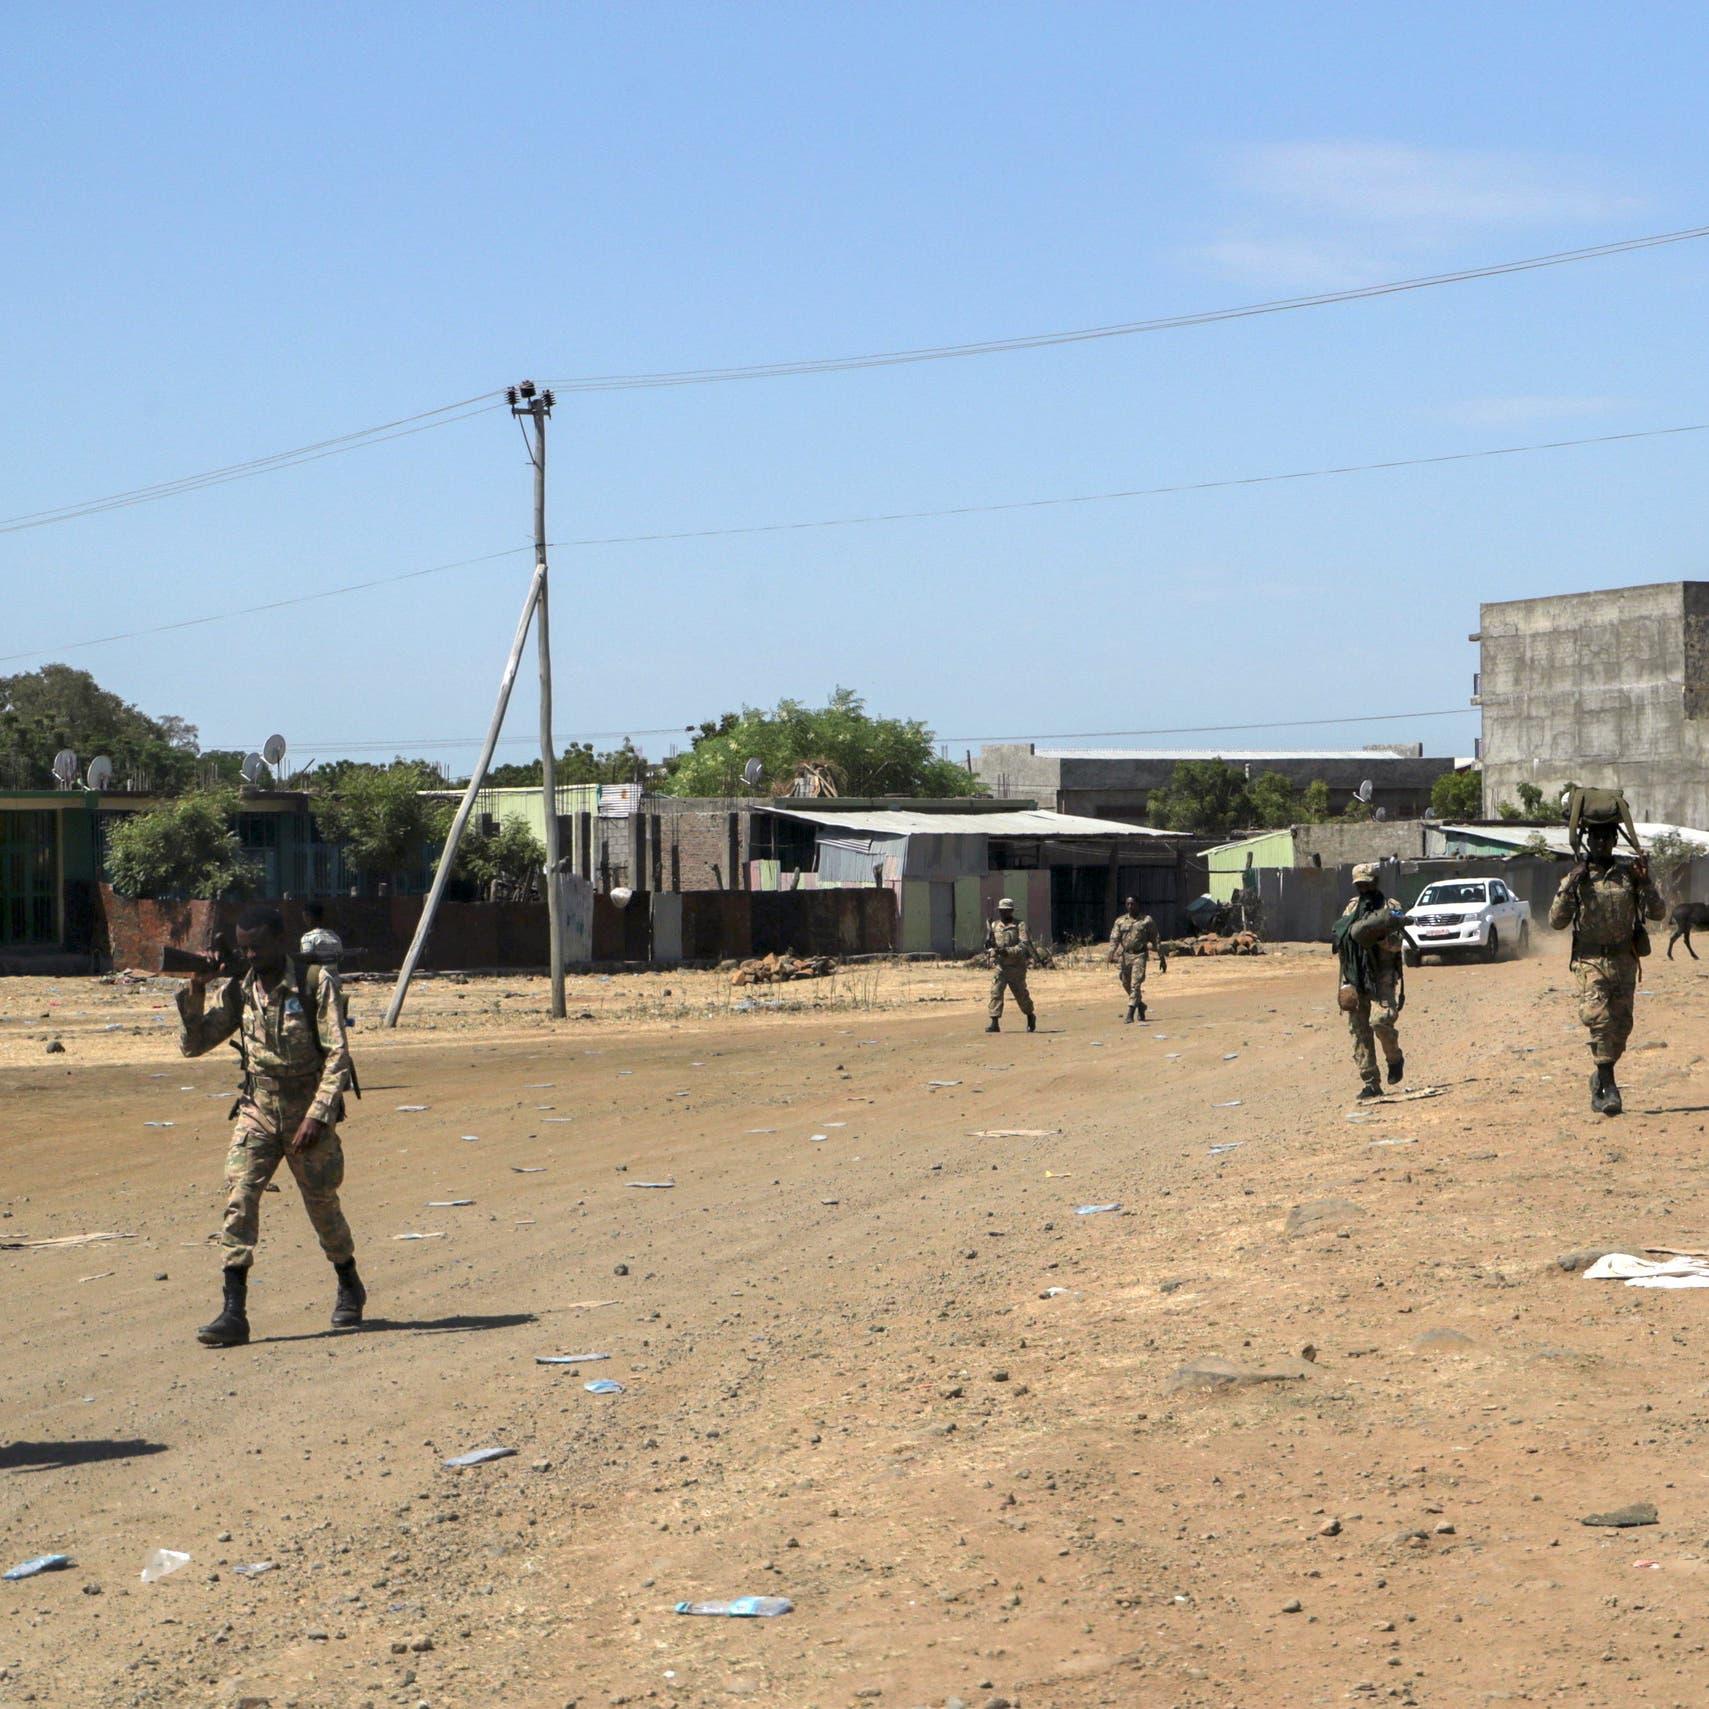 إثيوبيا تعتقل 700 شخص.. وتيغراي: لم يطوقوا العاصمة